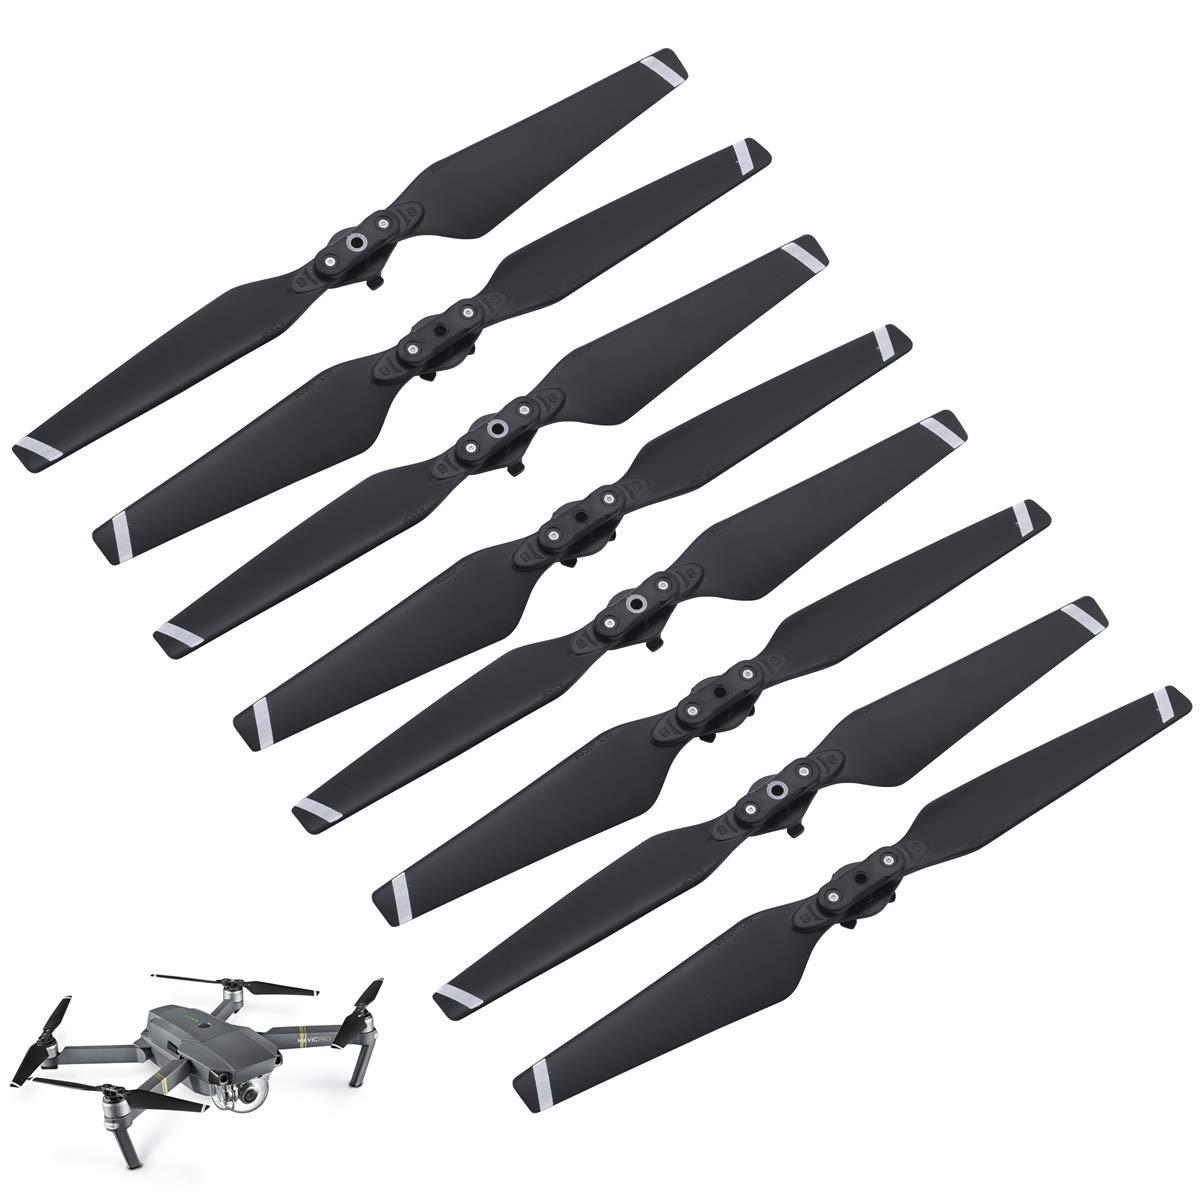 Repuesto Helices Para Drone Dji Mavic Pro - 8 Piezas [xsr]